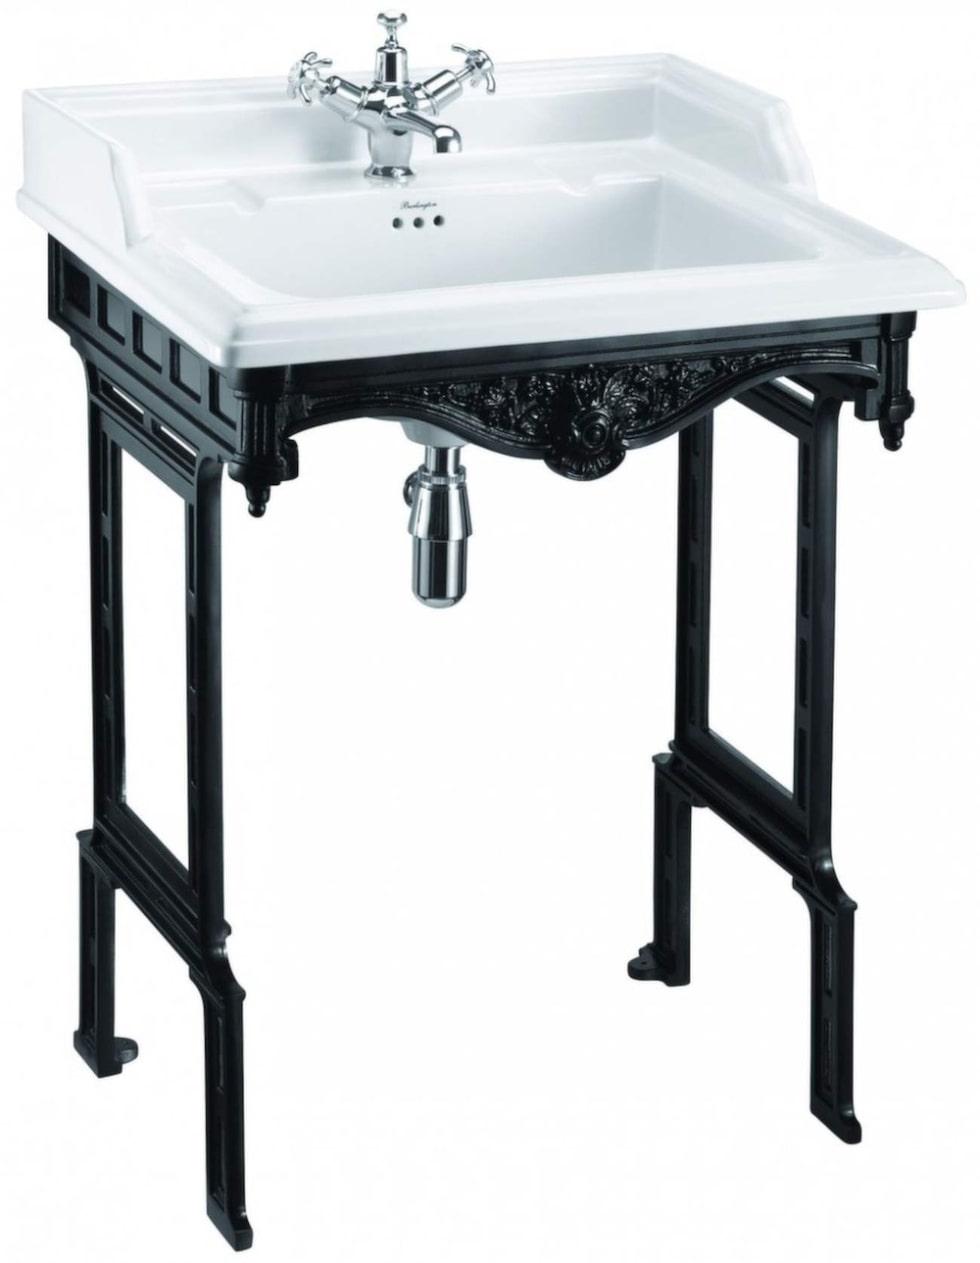 Tvättställ Burlington i porslin med svartmålat underrede i aluminium, 65 centimeter brett, 13 930 kronor, Sekelskifte.